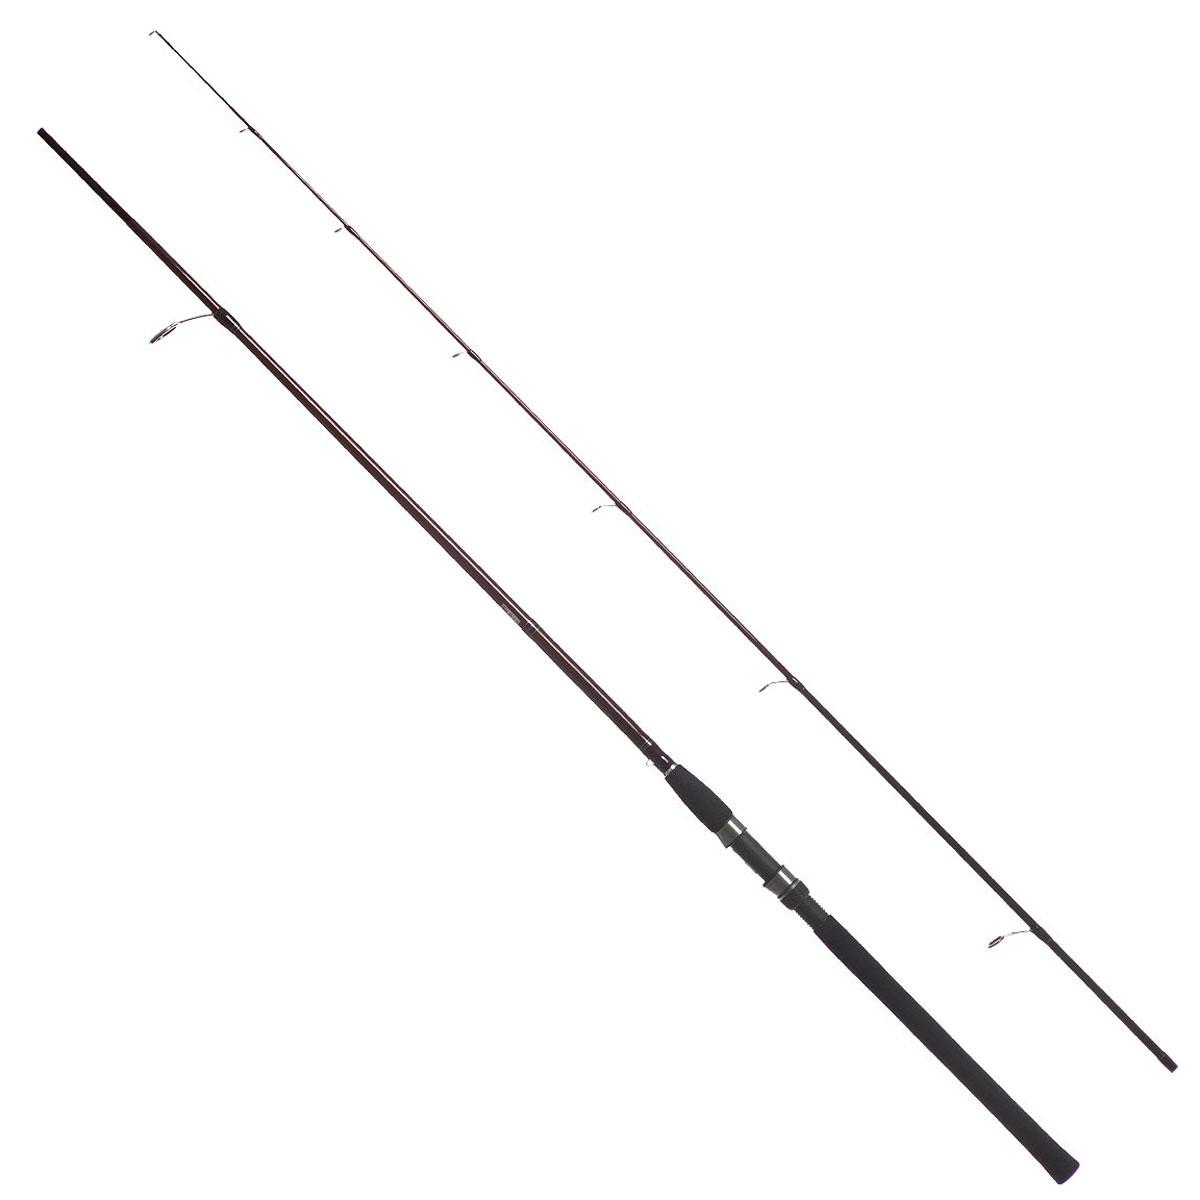 Спиннинг штекерный Daiwa Vulcan, 2,4 м, 7-28 г13966Спиннинг штекерный Daiwa Vulcan обеспечивает высокие эксплуатационные качества. Он изготовлен из высококачественного углепластика. Мягкая и приятная на ощупь ручка выполнена из неопрена. Кольца из прочного металла. В комплекте чехол для переноски и хранения. Тест: 7-28 г.